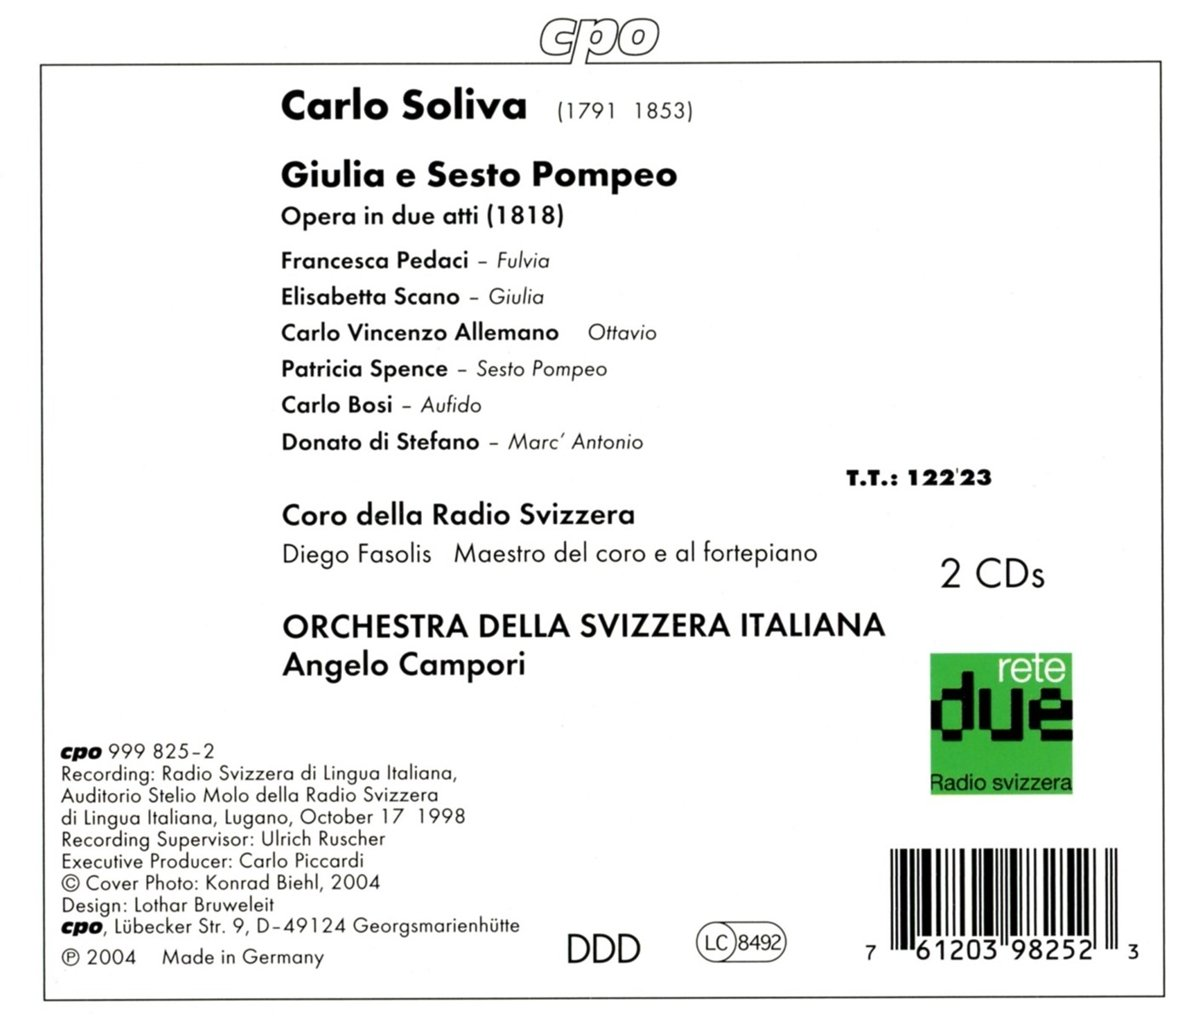 Carlo Soliva: Giulia e Sesto Pompeo